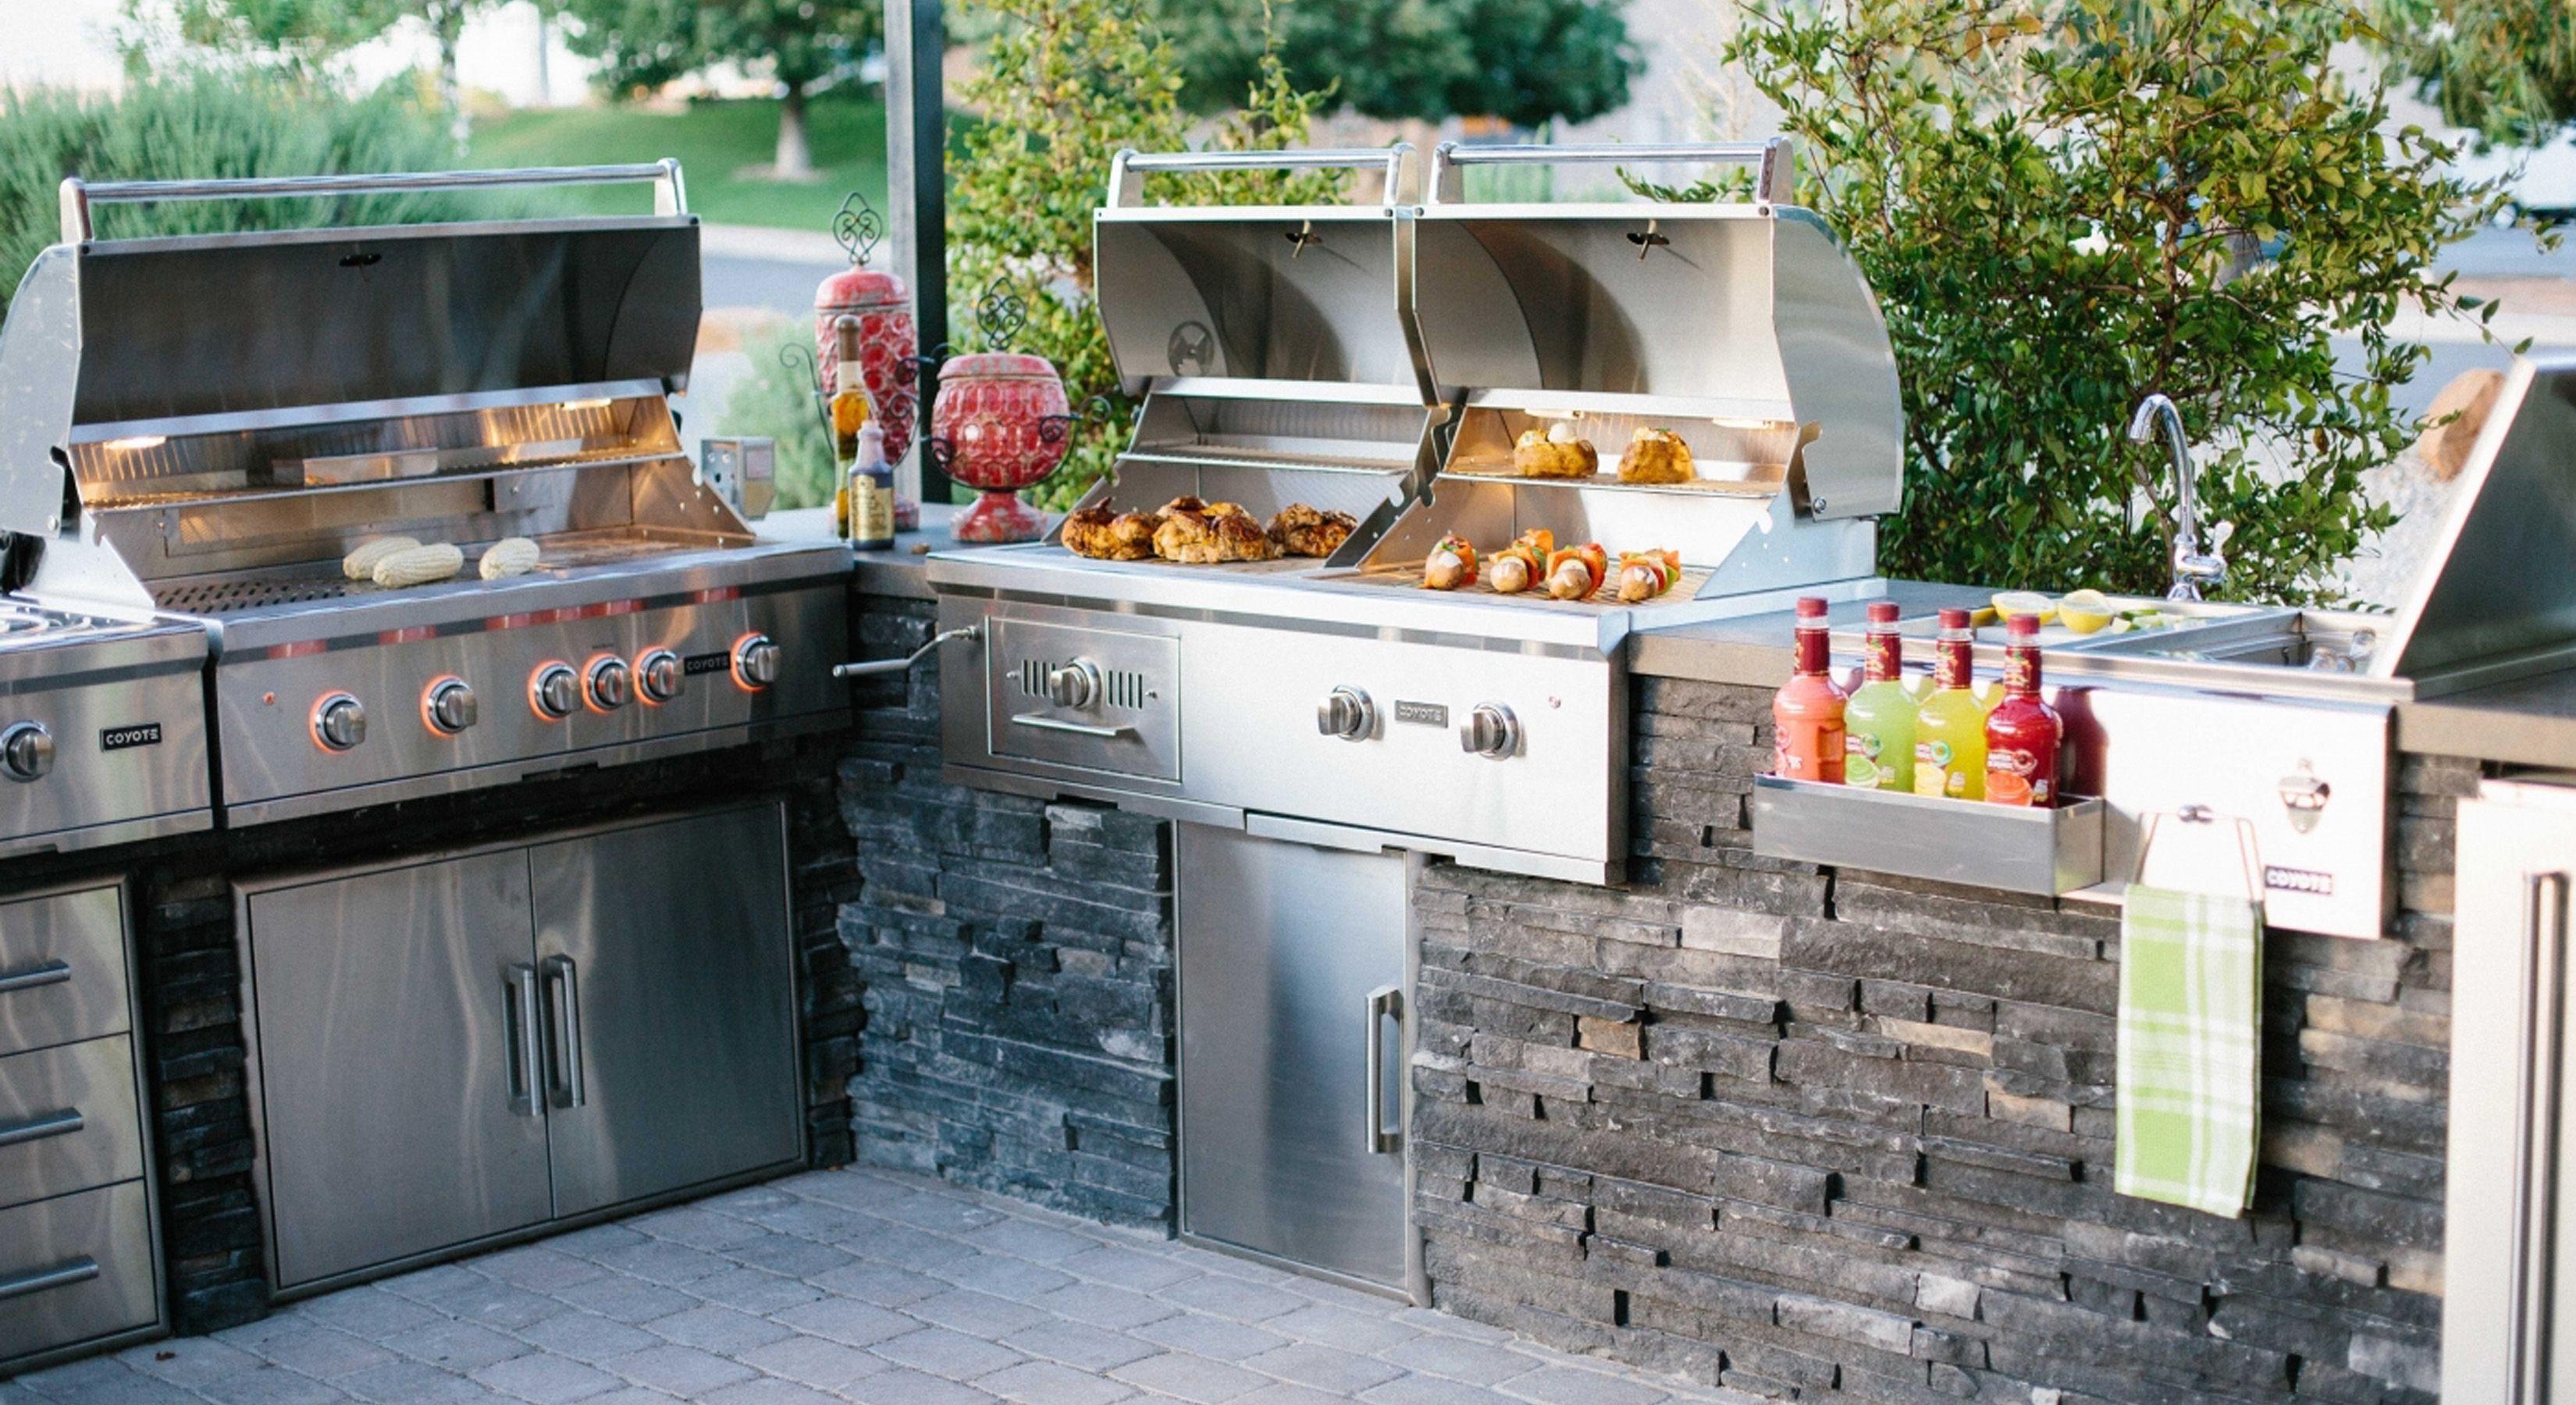 Outdoor Küche Mit Gasgrill Und 4 Brenner Utah : Gasgrill küche Ästhetische inspiration outdoor küche Überdachung